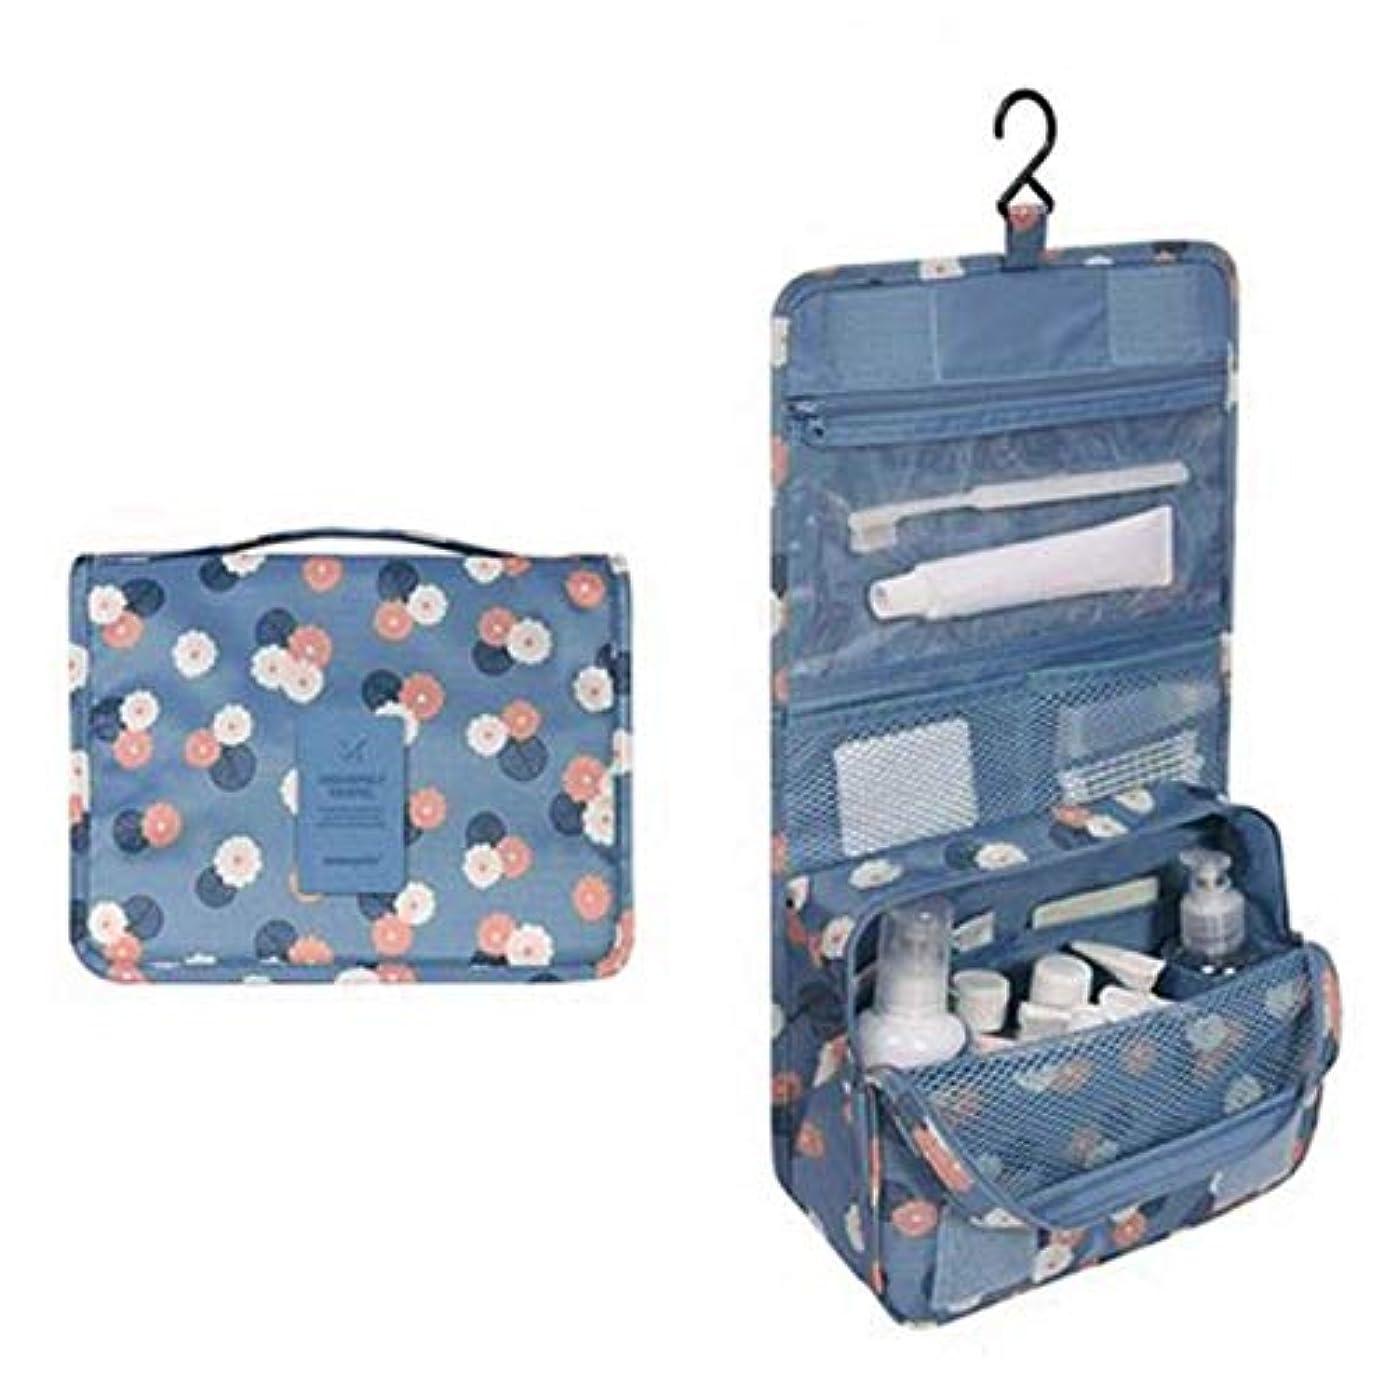 お気に入りドアケイ素Wadachikis 例外的な女性ジッパーハンギング防水旅行トイレタリーの洗浄化粧品オーガナイザーバッグバッグ(None Picture Color)